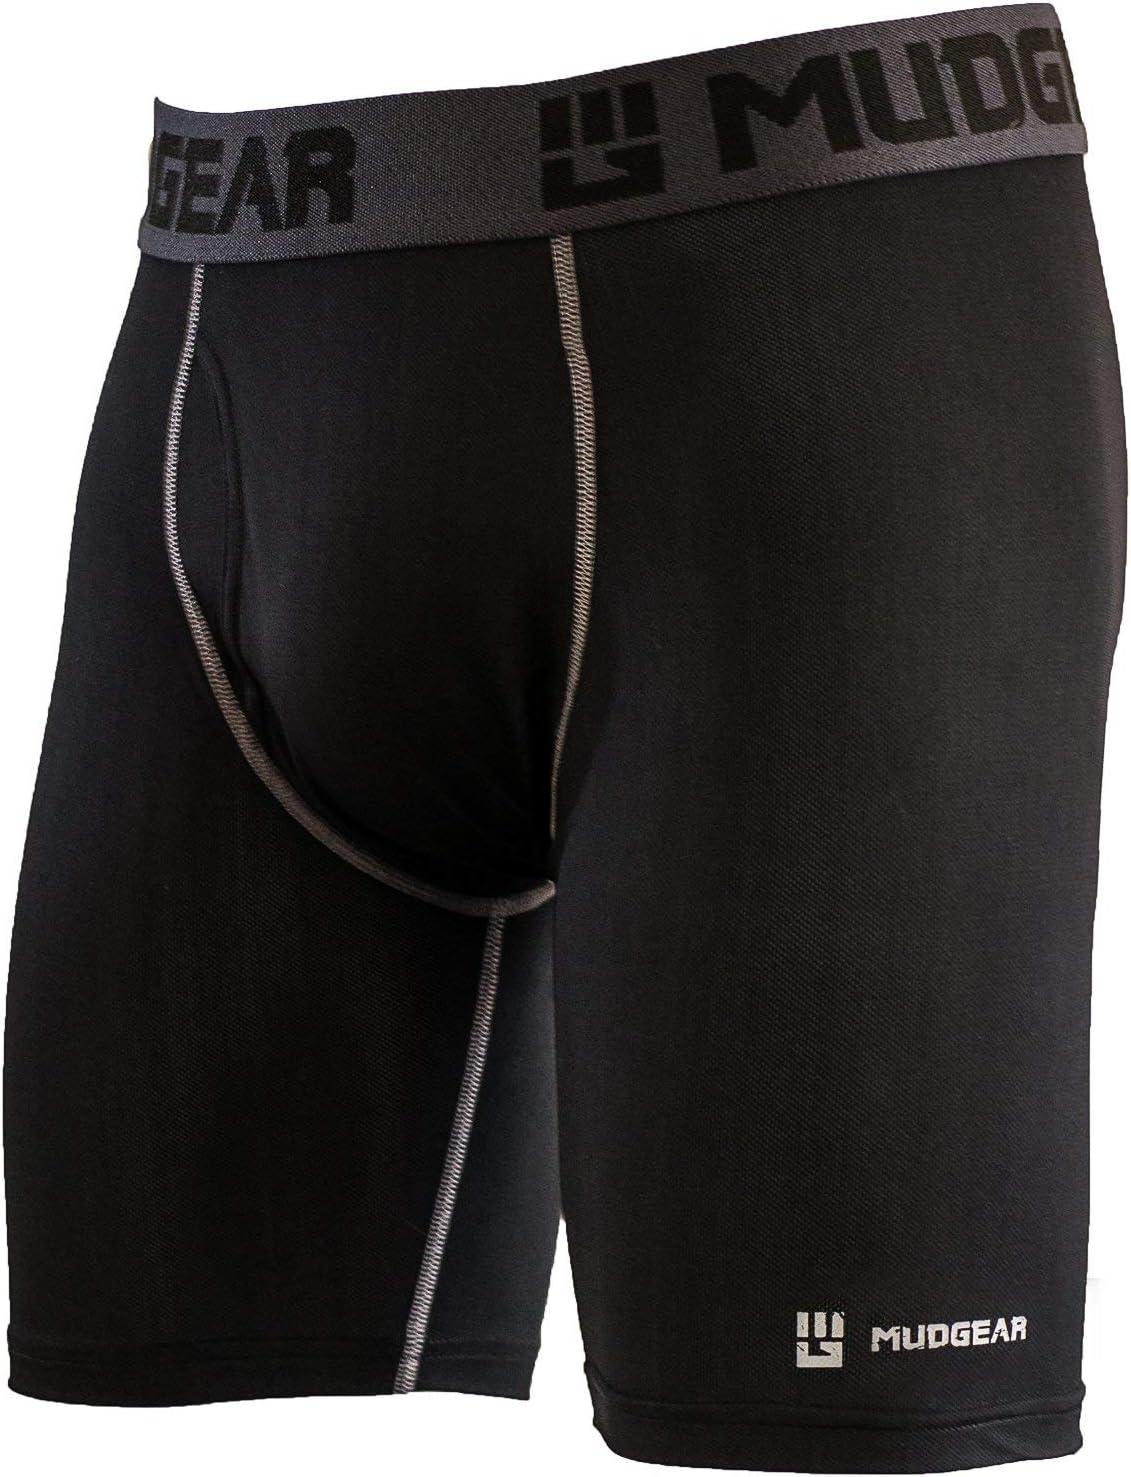 """MudGear Men's Performance Boxer Brief, 9"""" Inseam - Breathable Wicking Compression Underwear - Running, OCR, Fitness"""